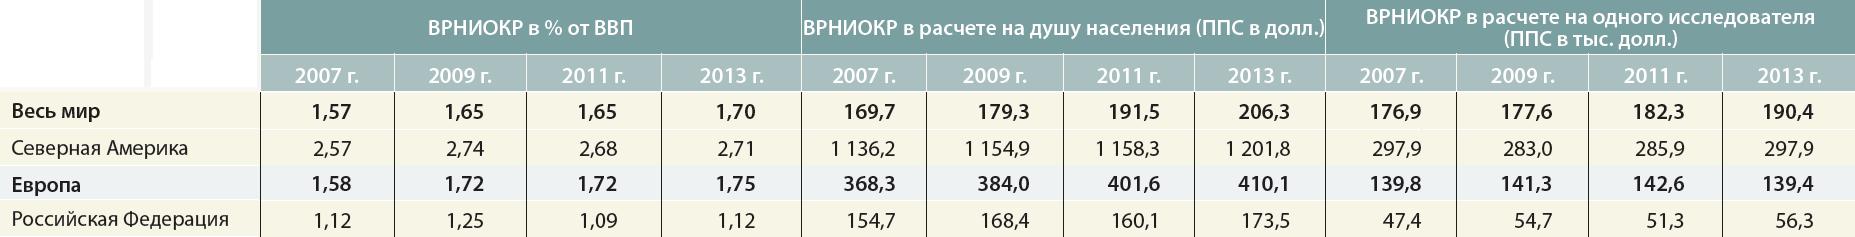 ЮНЕСКО отмечает рост мировых расходов на науку - 4